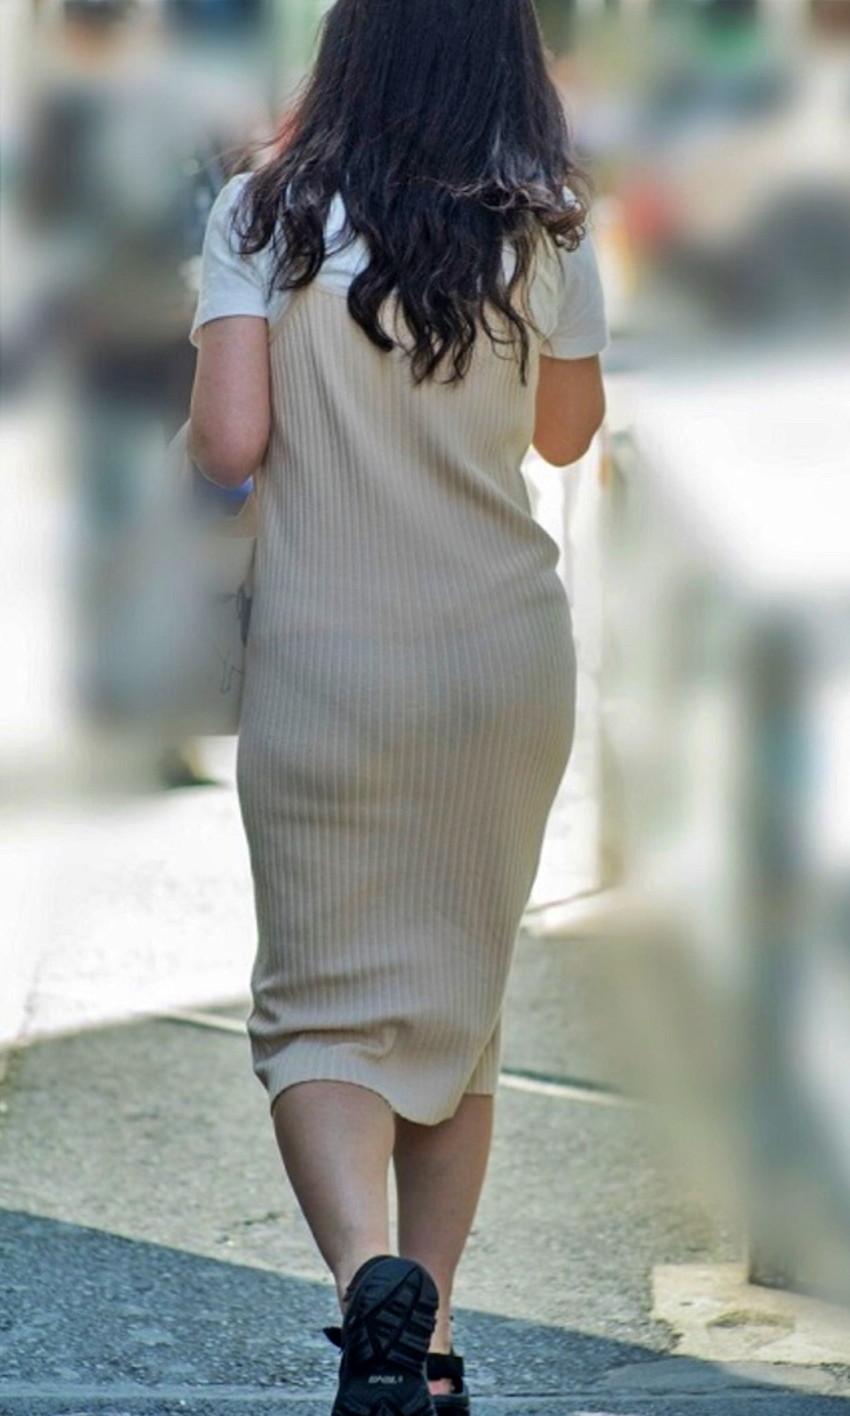 【透けパンツエロ画像】パンツ丸見えよりもタイトスカートや履いて下着が透けてる素人女子のほうが興奮しちゃう透けパンツのエロ画像酒!ww【80枚】 06